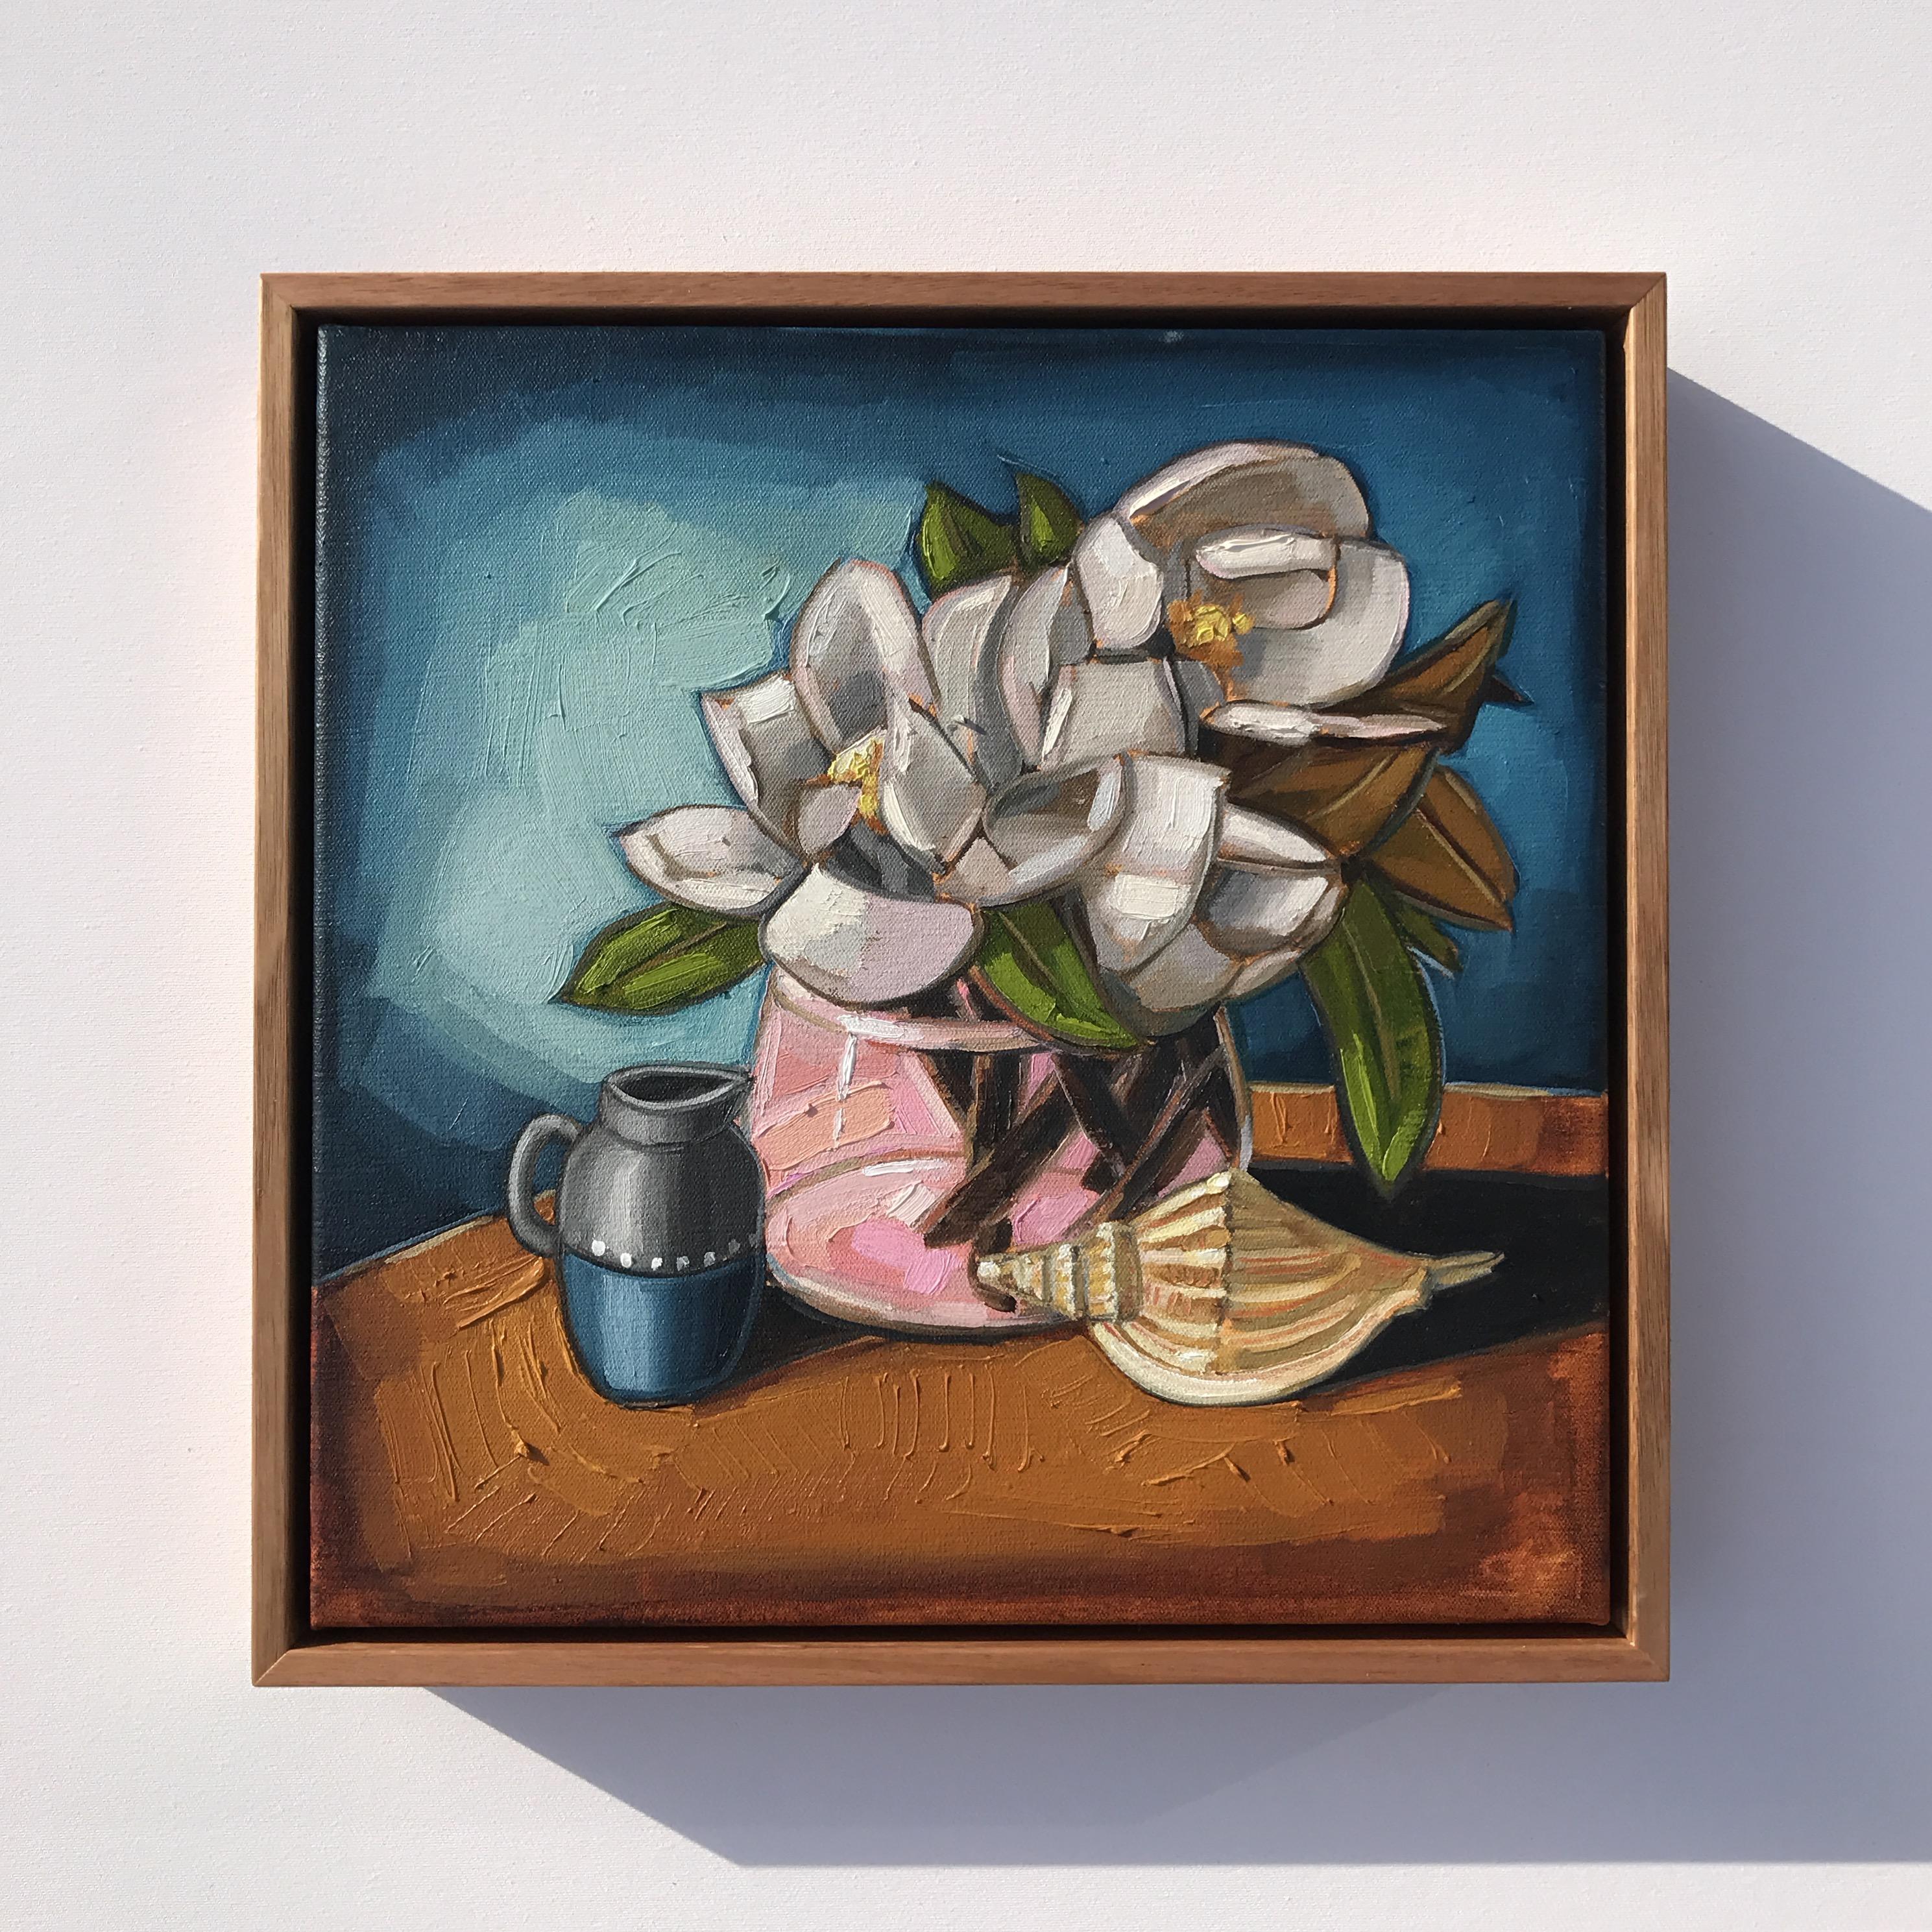 07_17 'Magnolias & Shell' 38x38cm $845